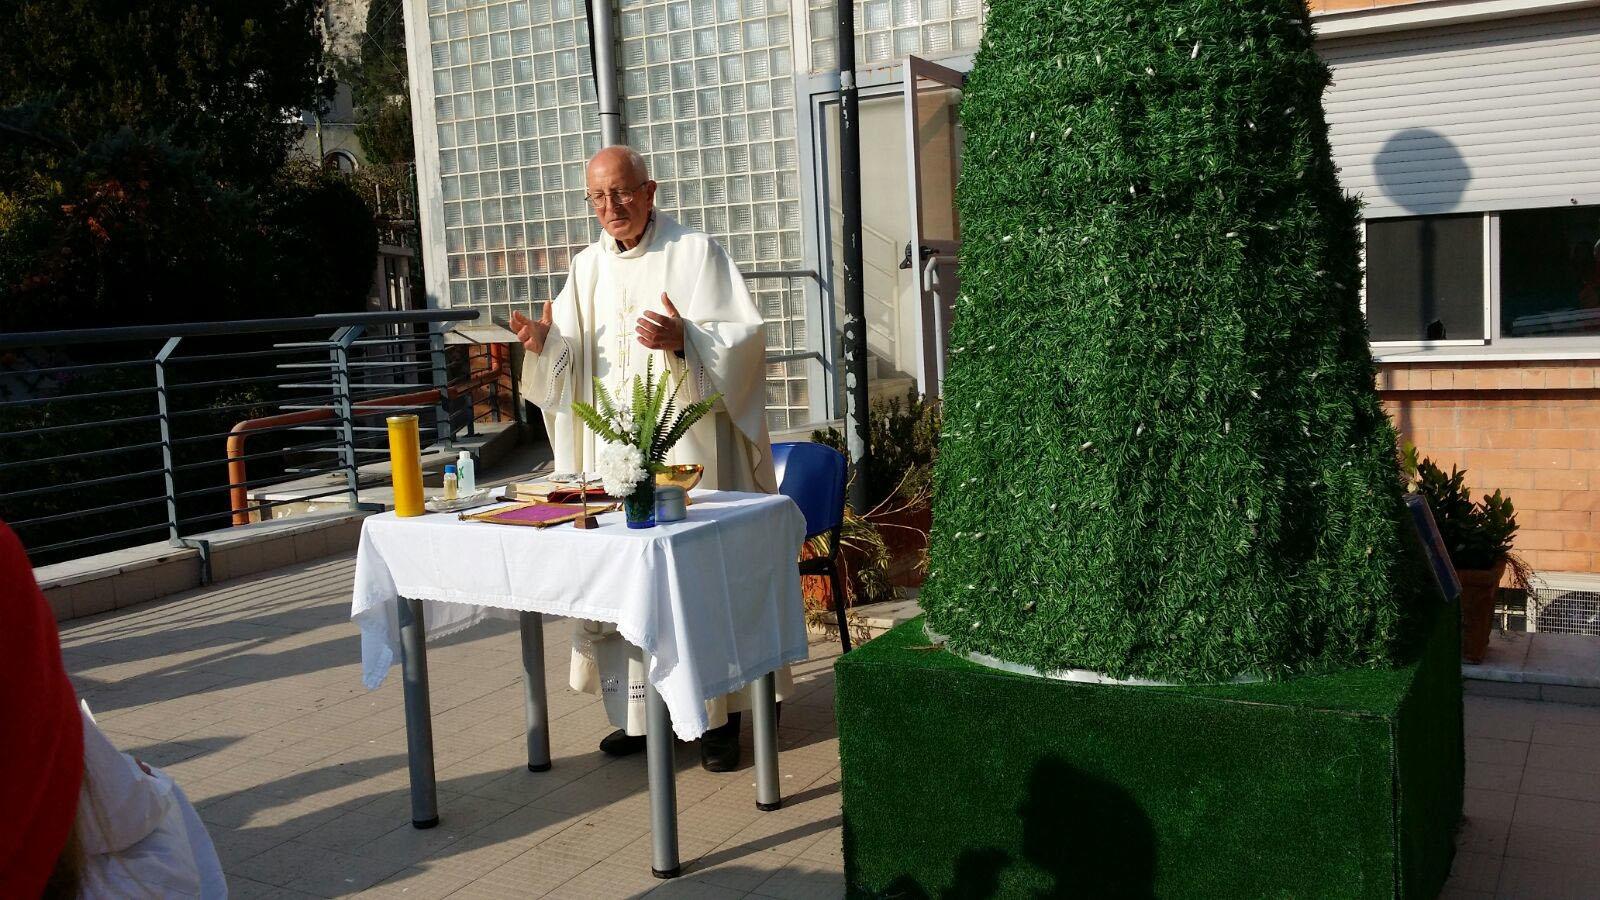 La Tradizionale Messa di Natale all' Ospedale Capilupi celebrata da Don Vincenzo Simeoli (VIDEO)